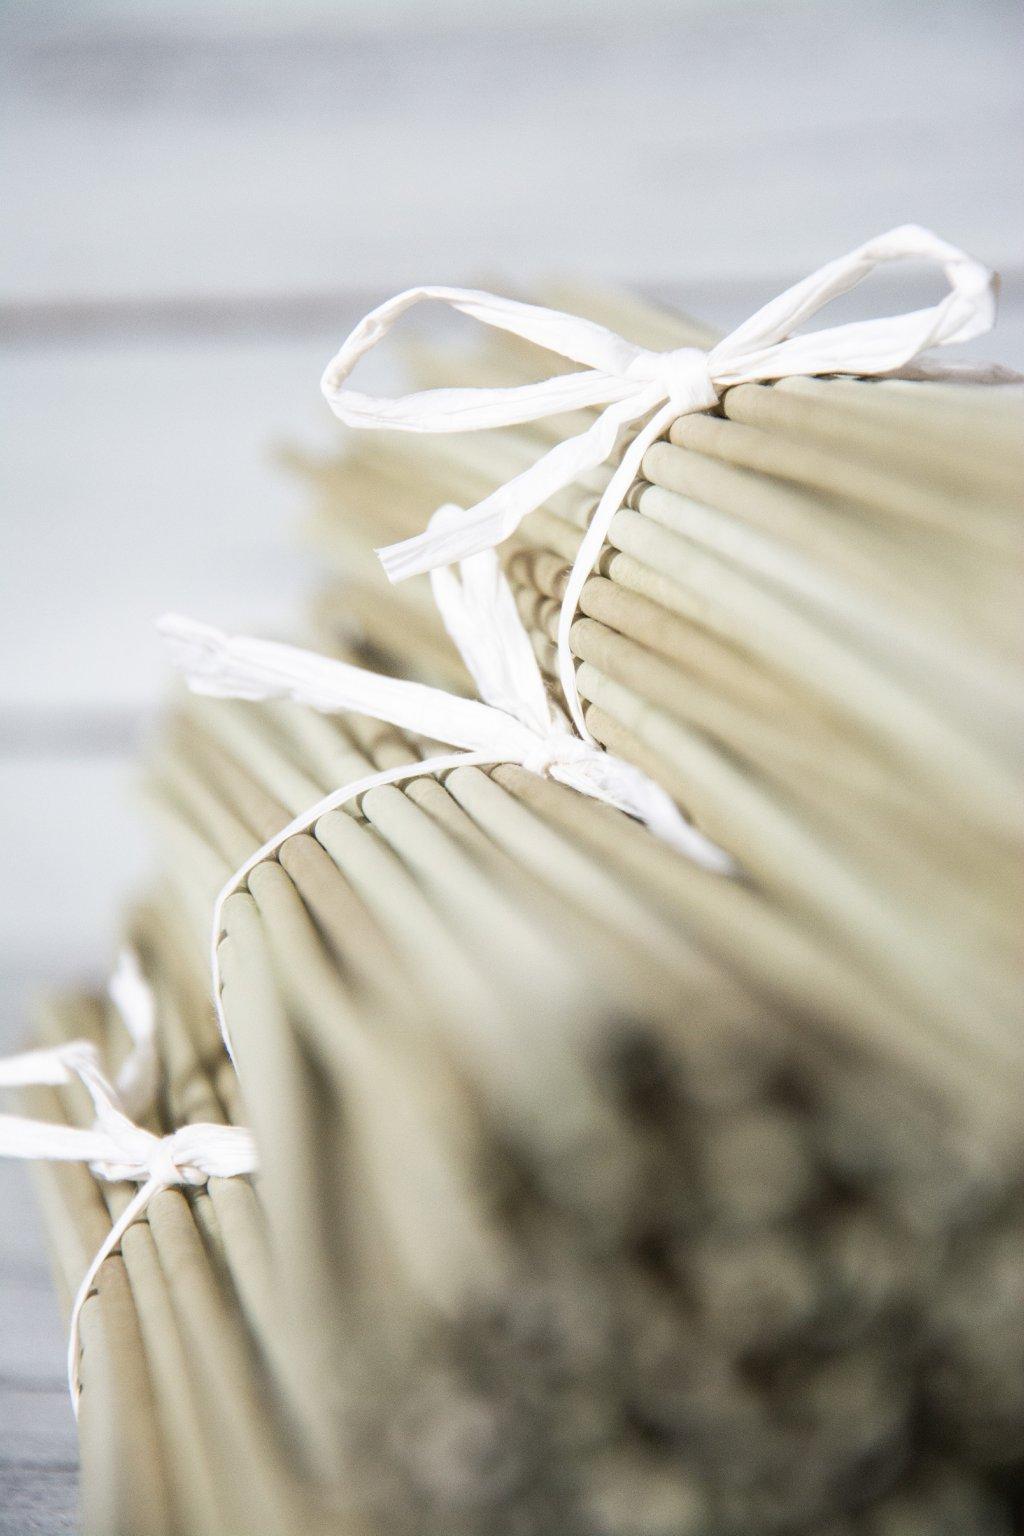 Papírové ruličky na pletení v odstínech barvy oliva.  Délka 47 cm, drát 1,6 mm, pruh 15 cm, barva Duha oliva  Baleno po 100 ks